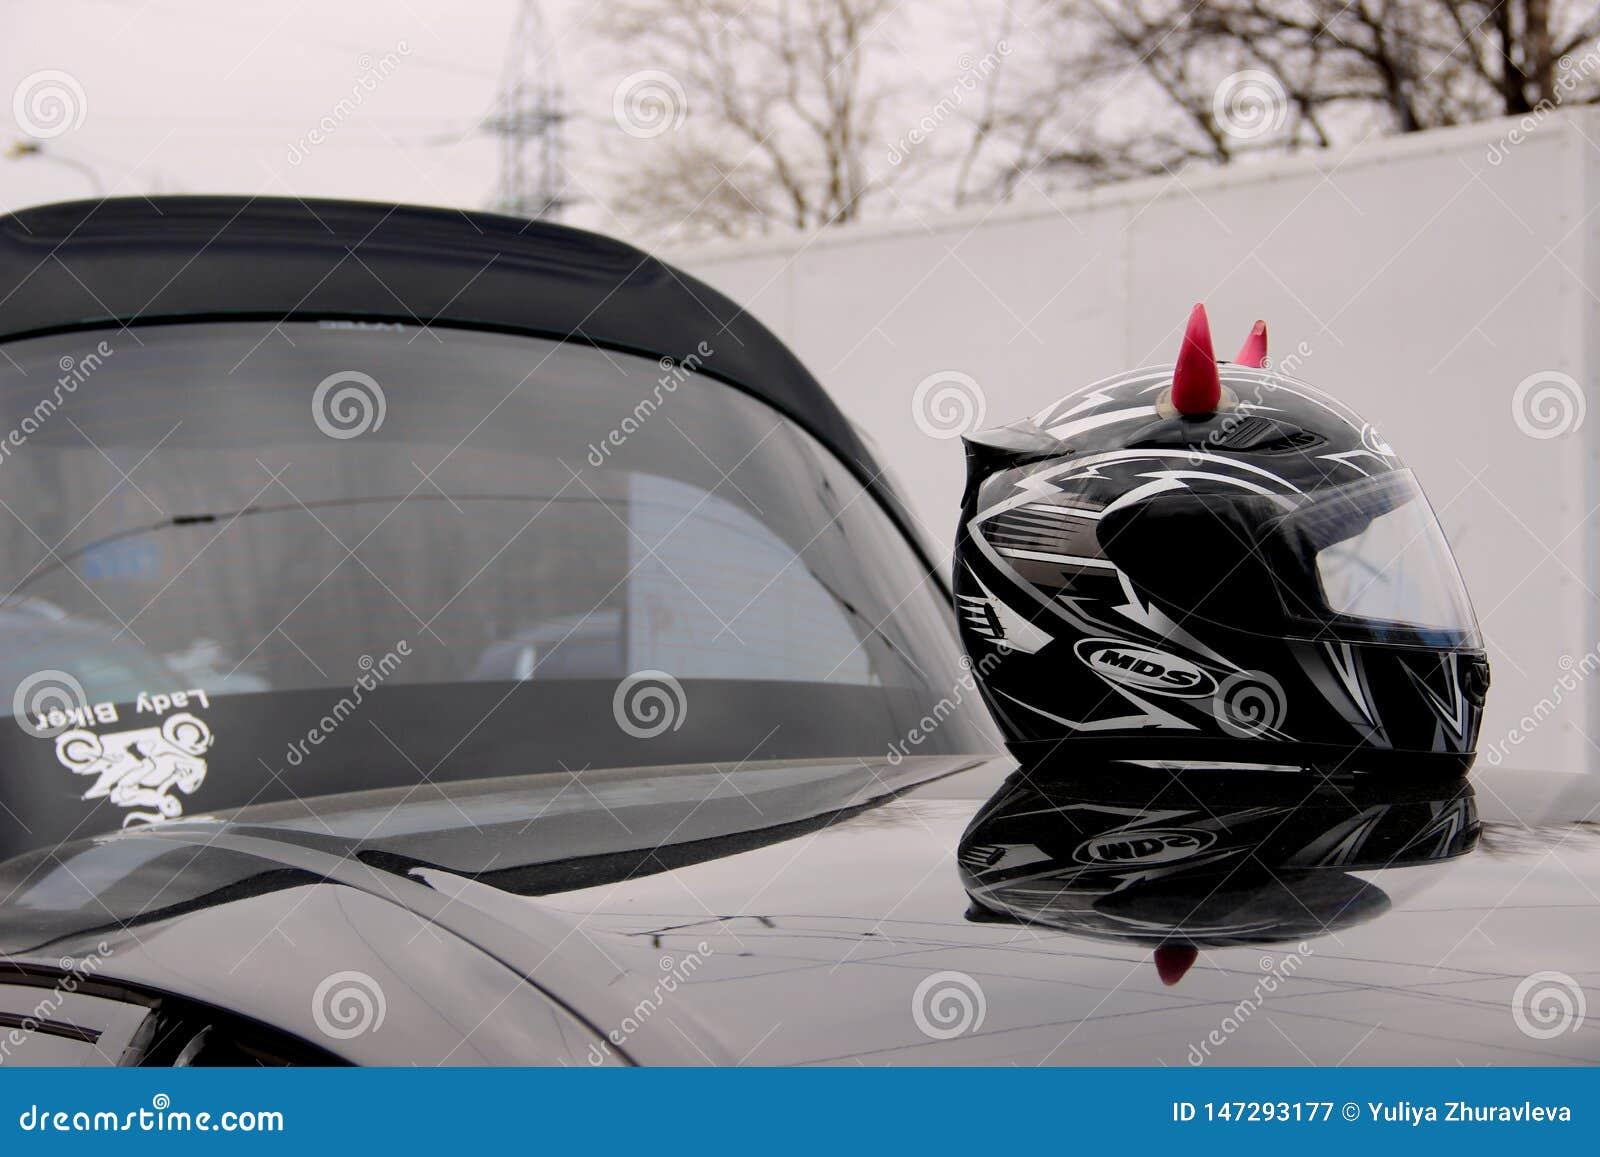 Черный шлем мотоцикла с розовыми рожками на крыше автомобиля со стикером велосипеда дамы